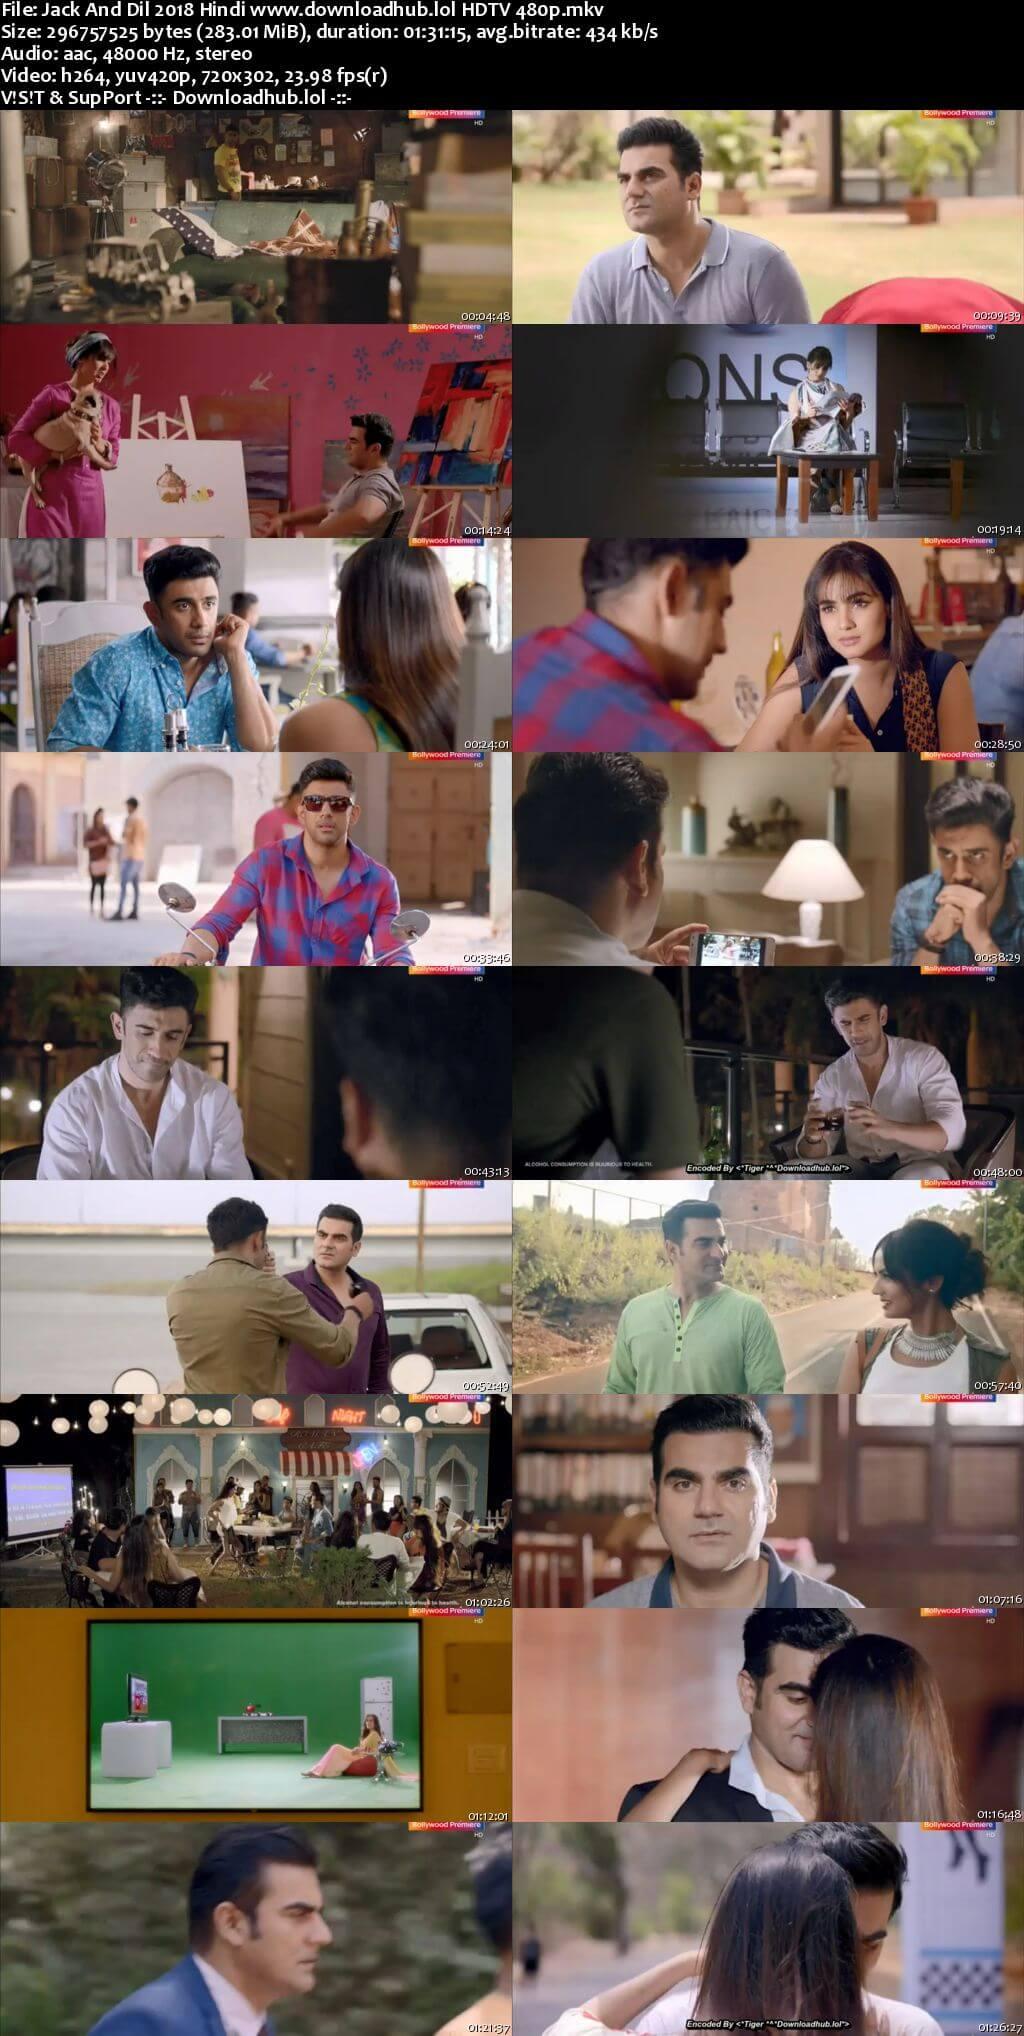 Jack And Dil 2018 Hindi 280MB HDTV 480p